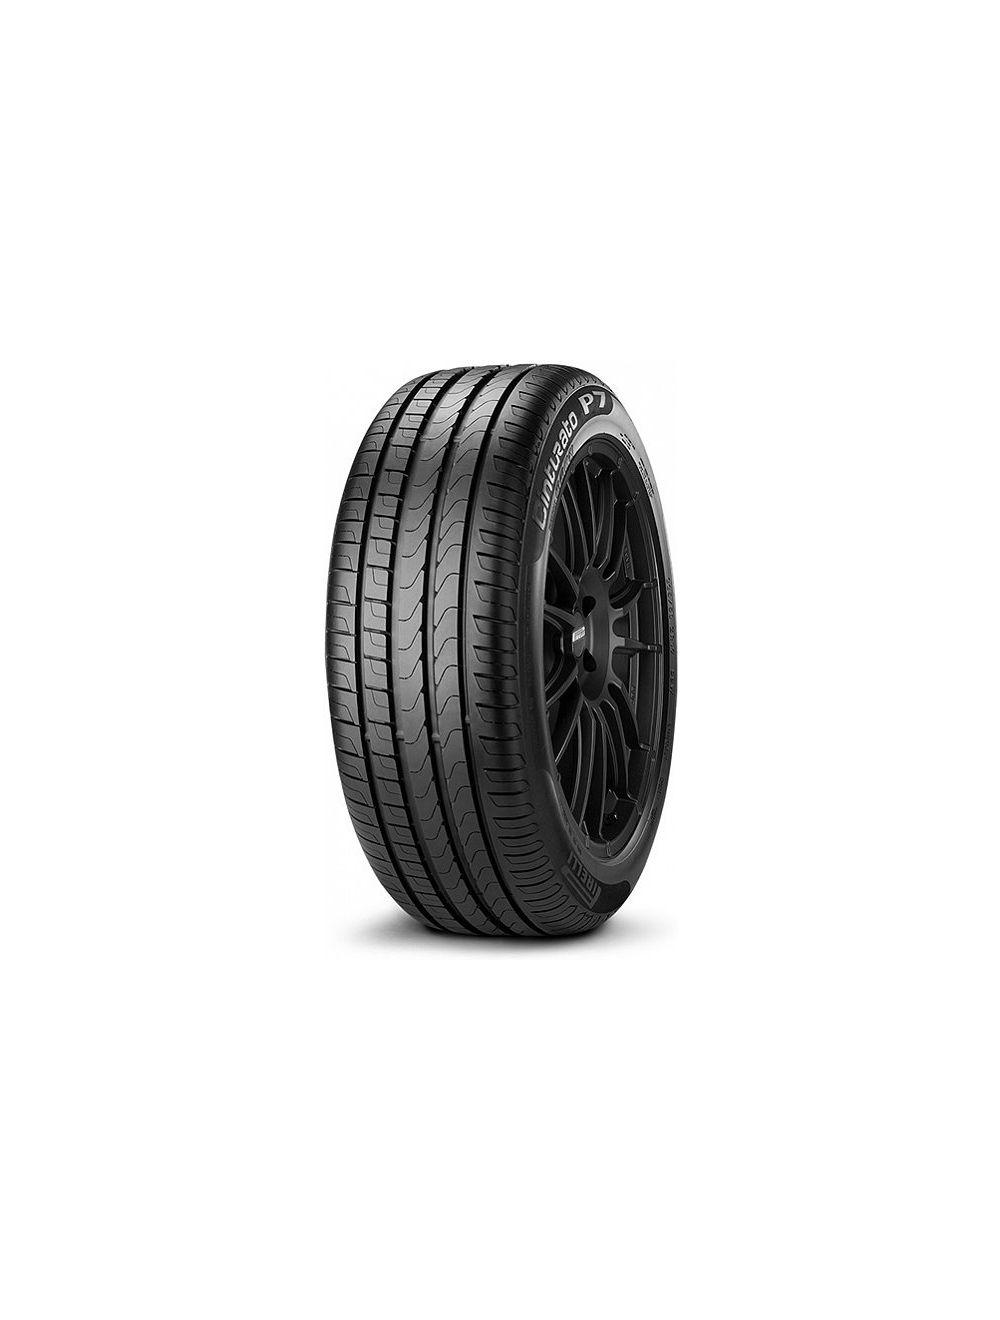 Pirelli 205/50R17 W P7 Cinturato XL K2 Nyári gumi